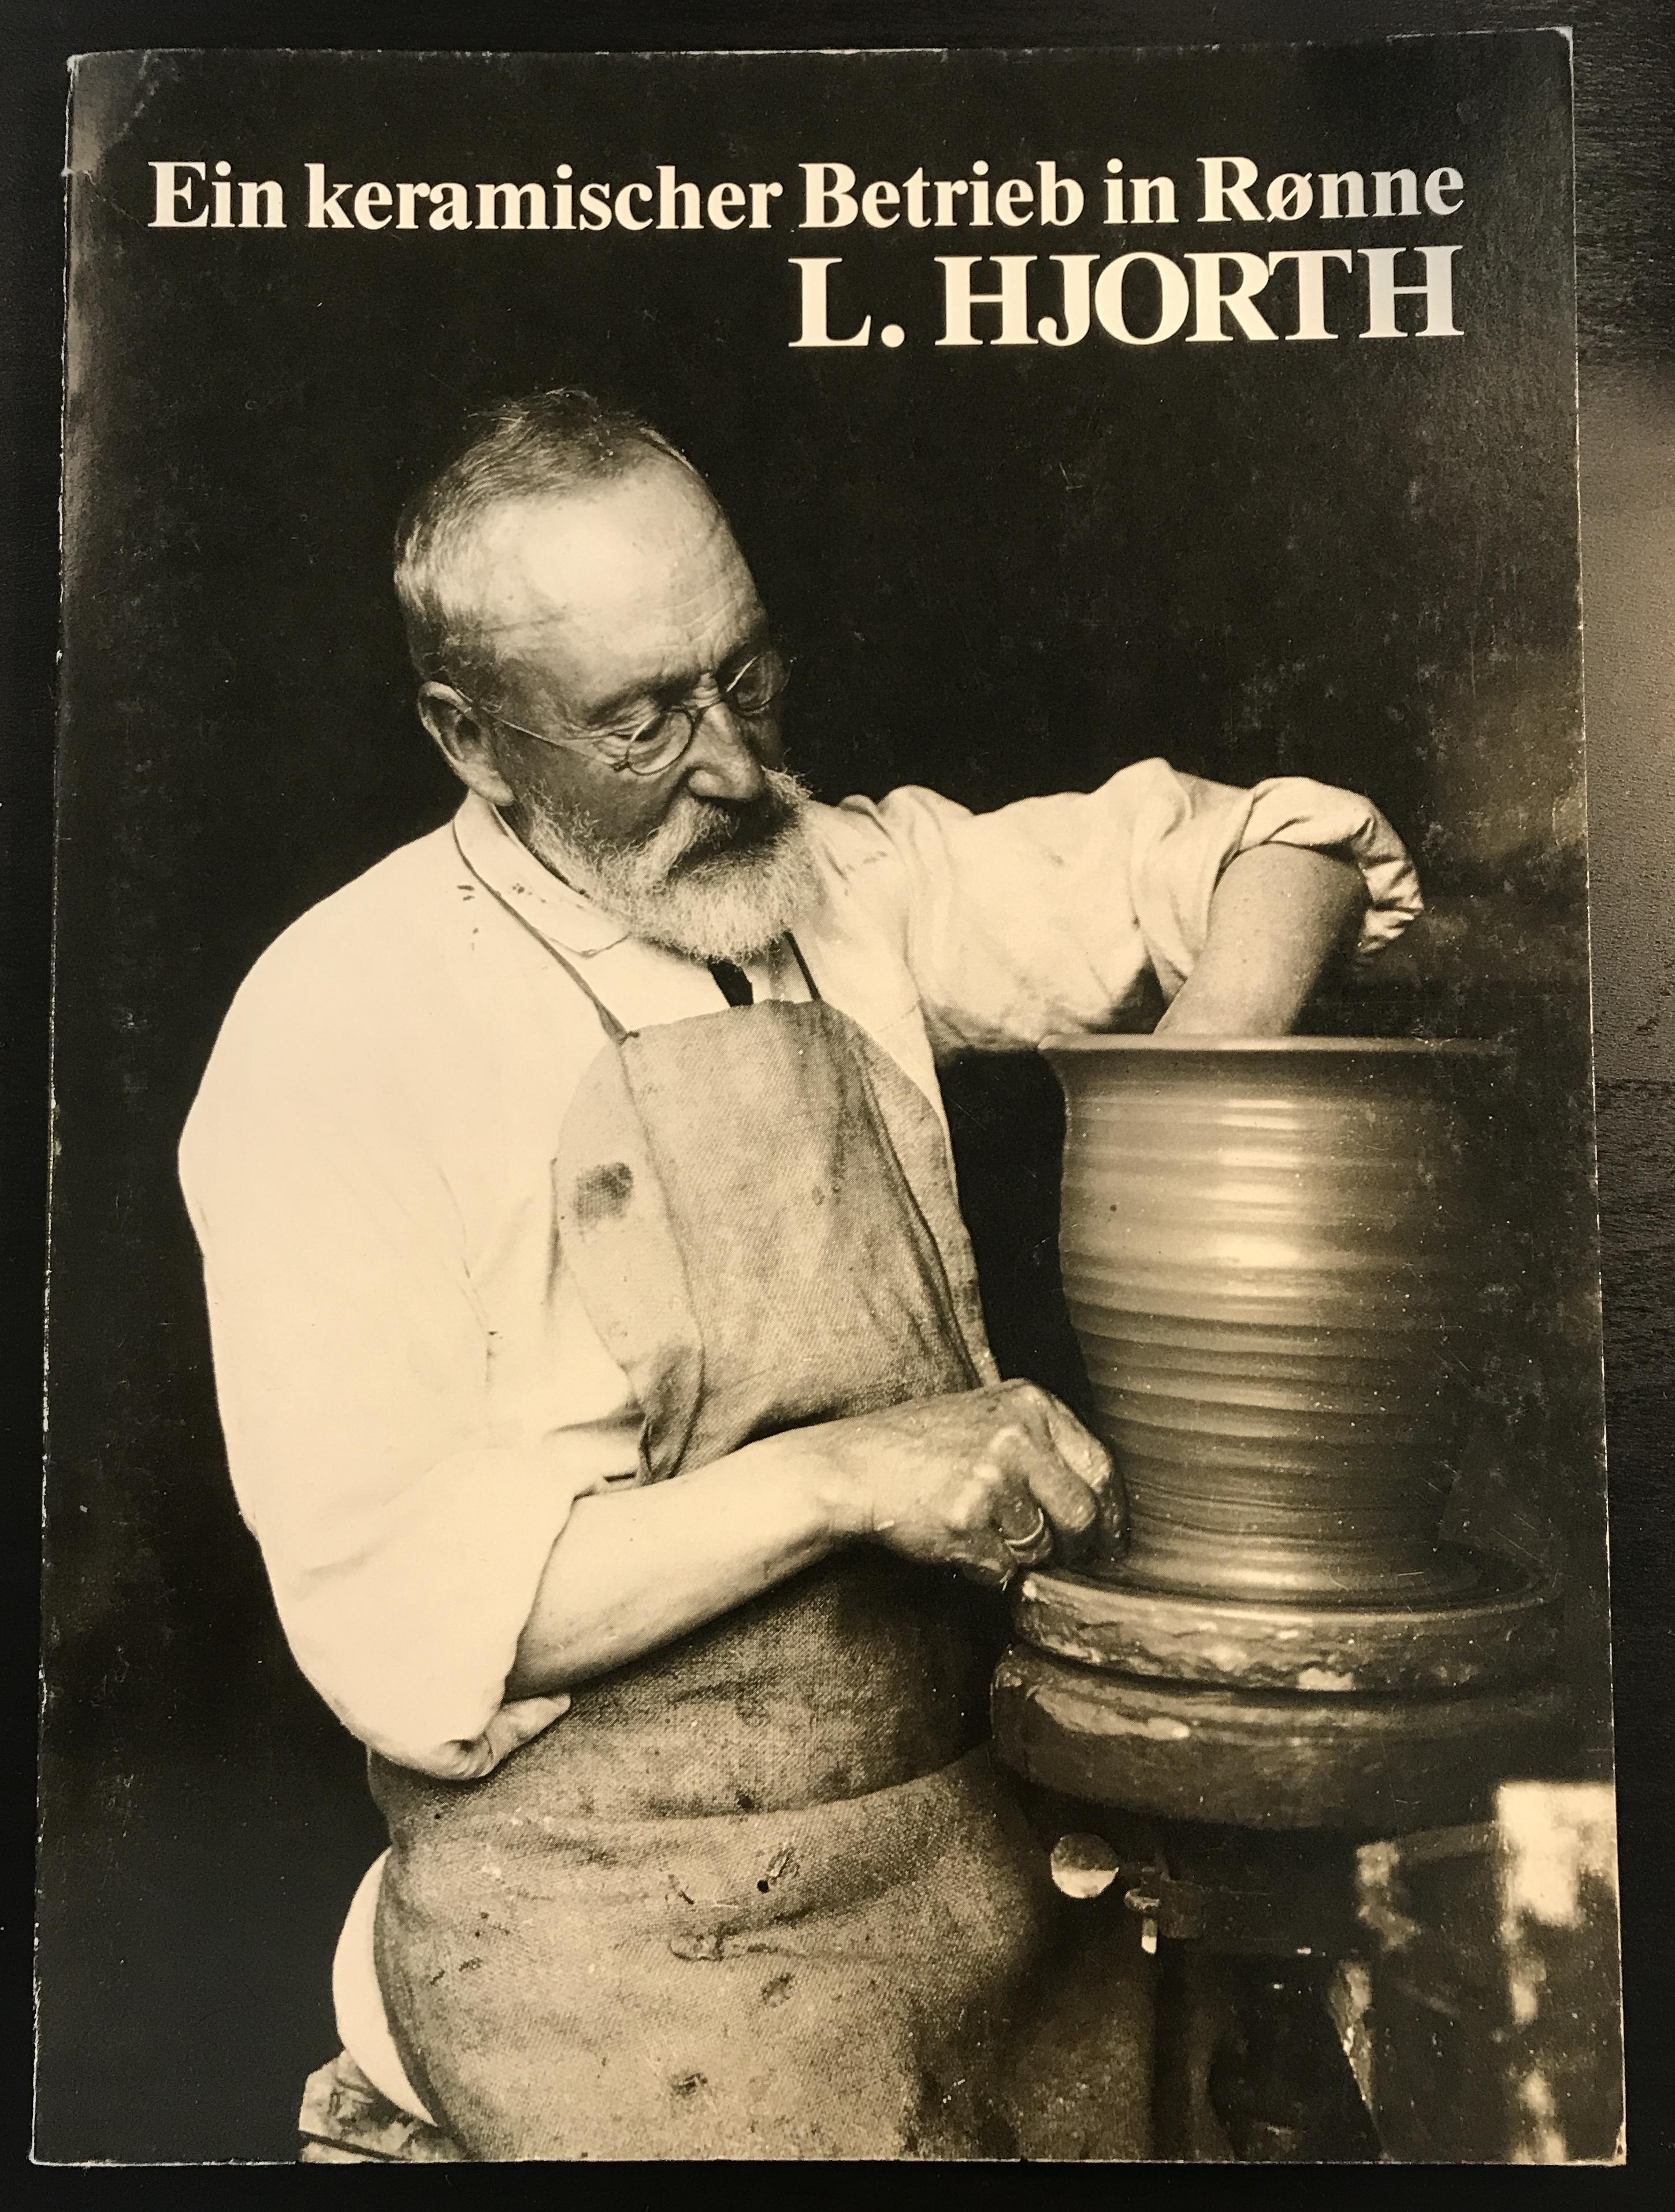 Ein keramischer betrieb in Rønne L. Hjorth